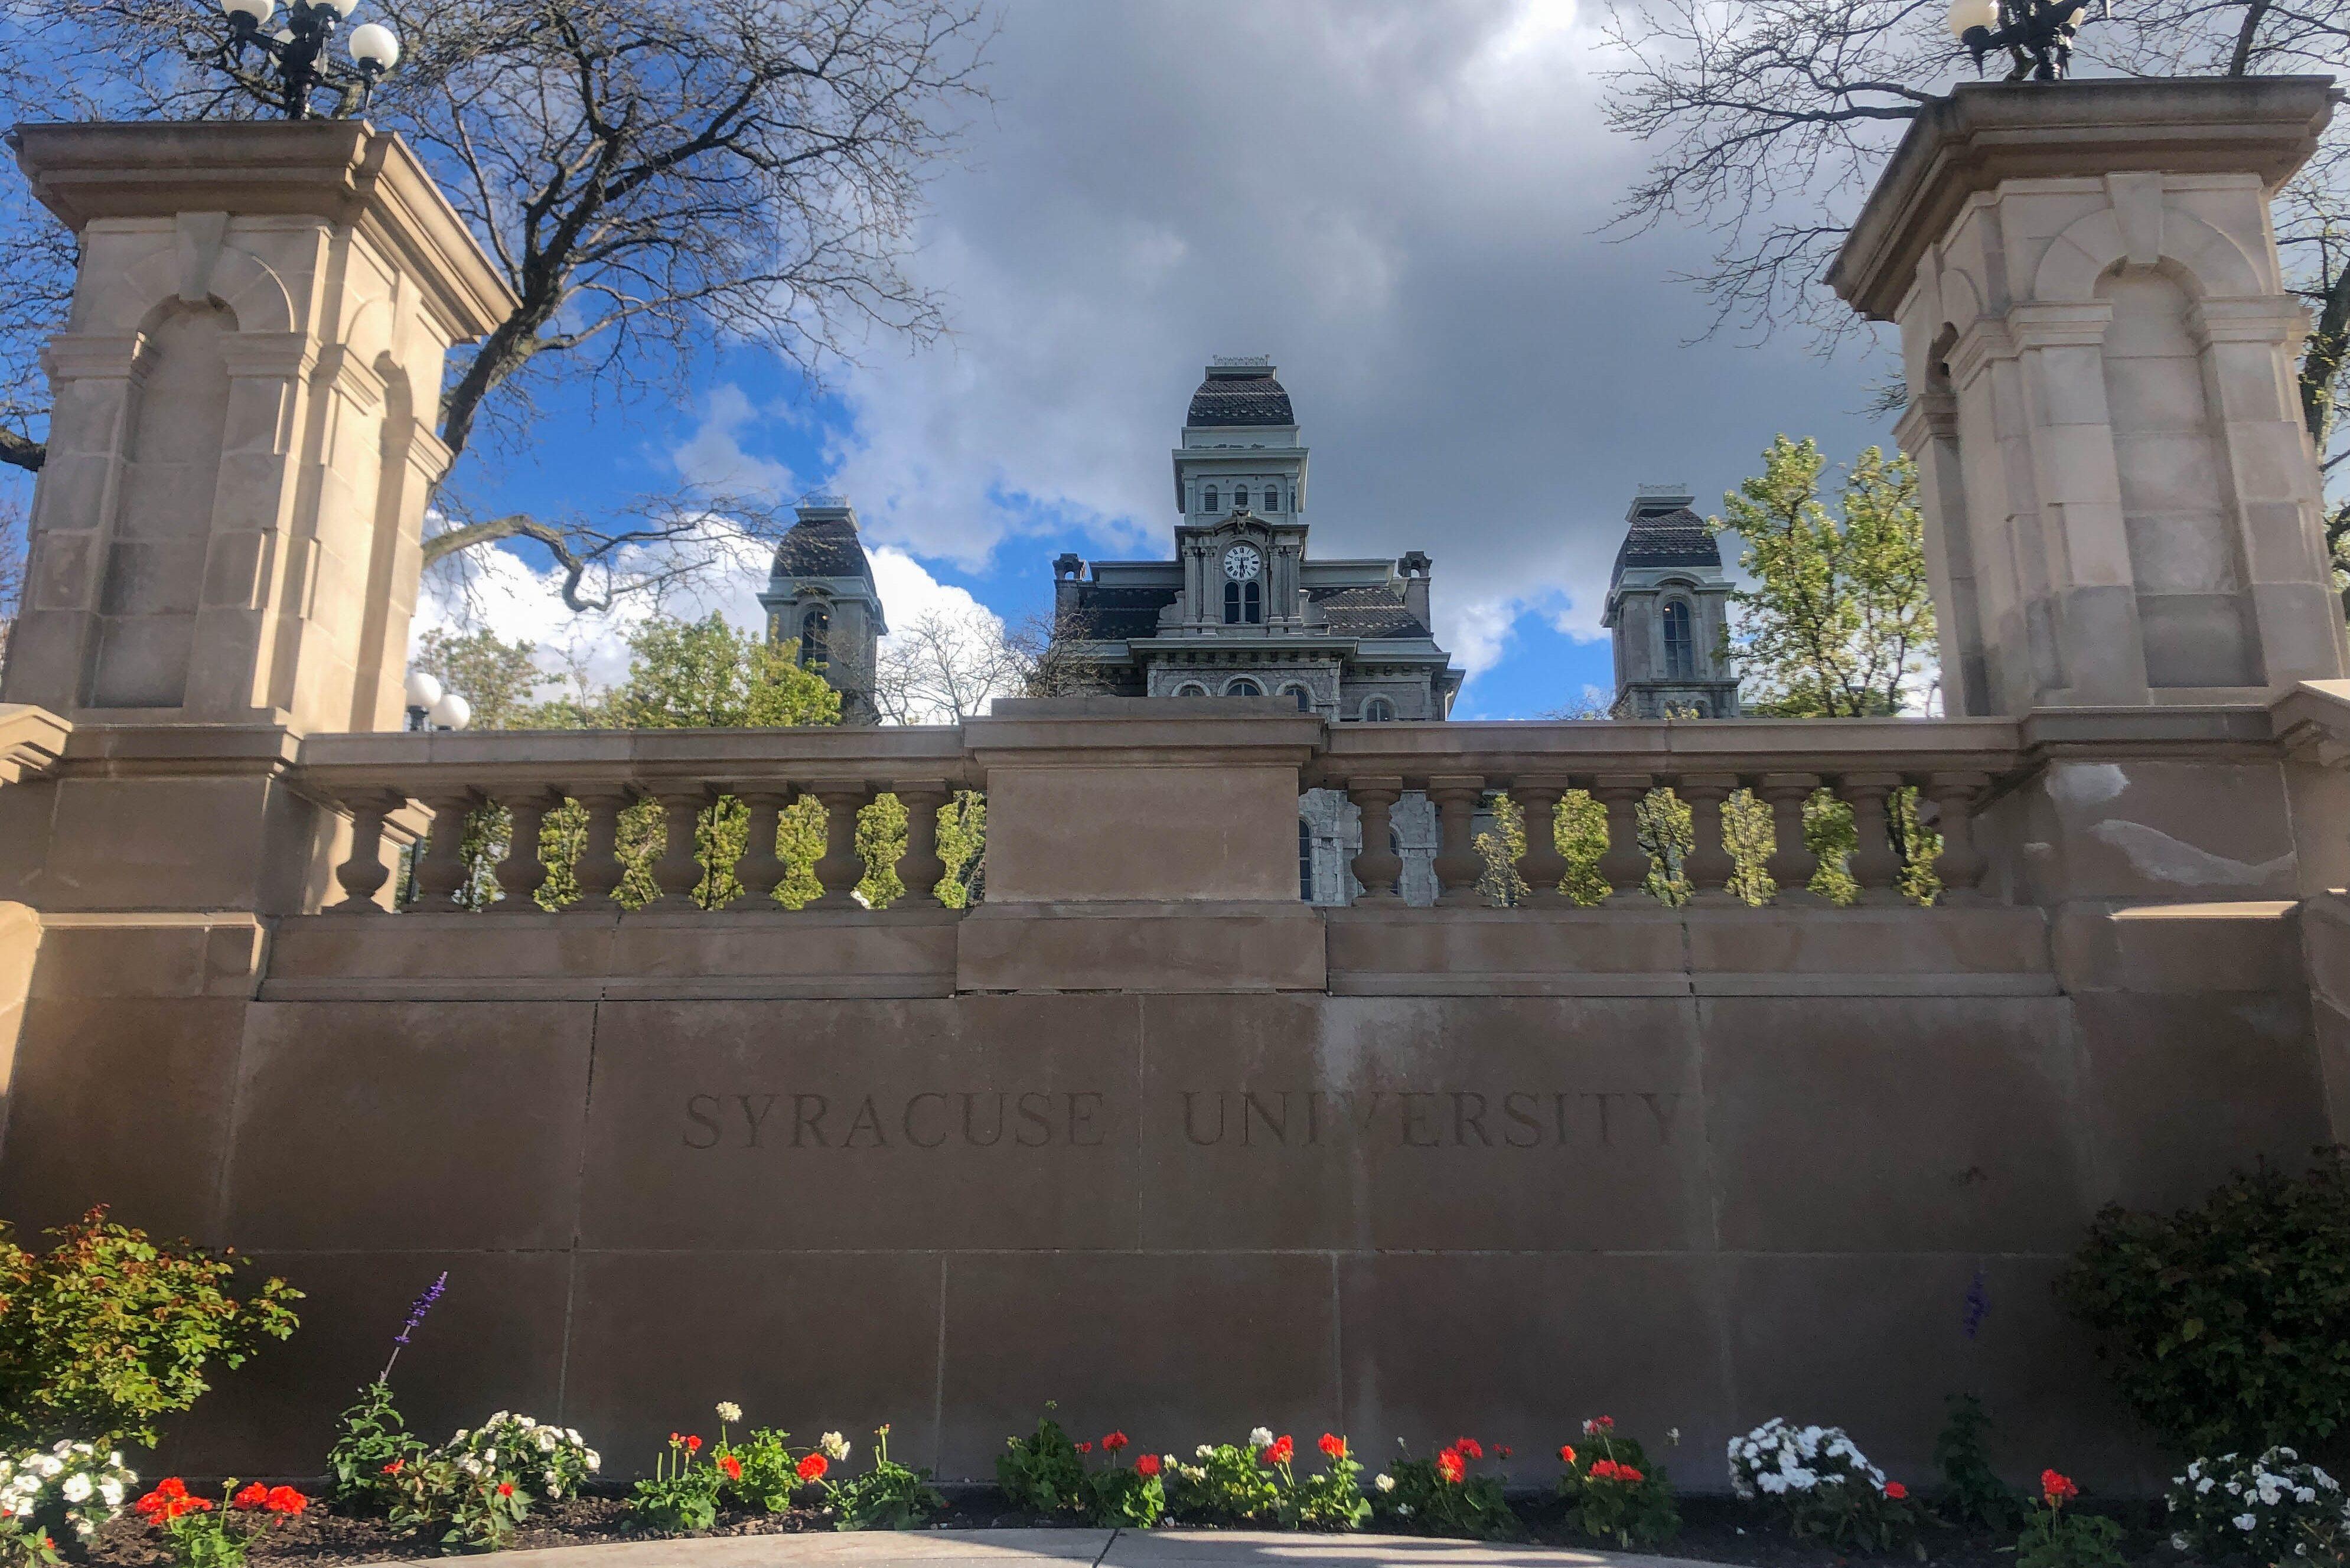 Syracuse University architecture